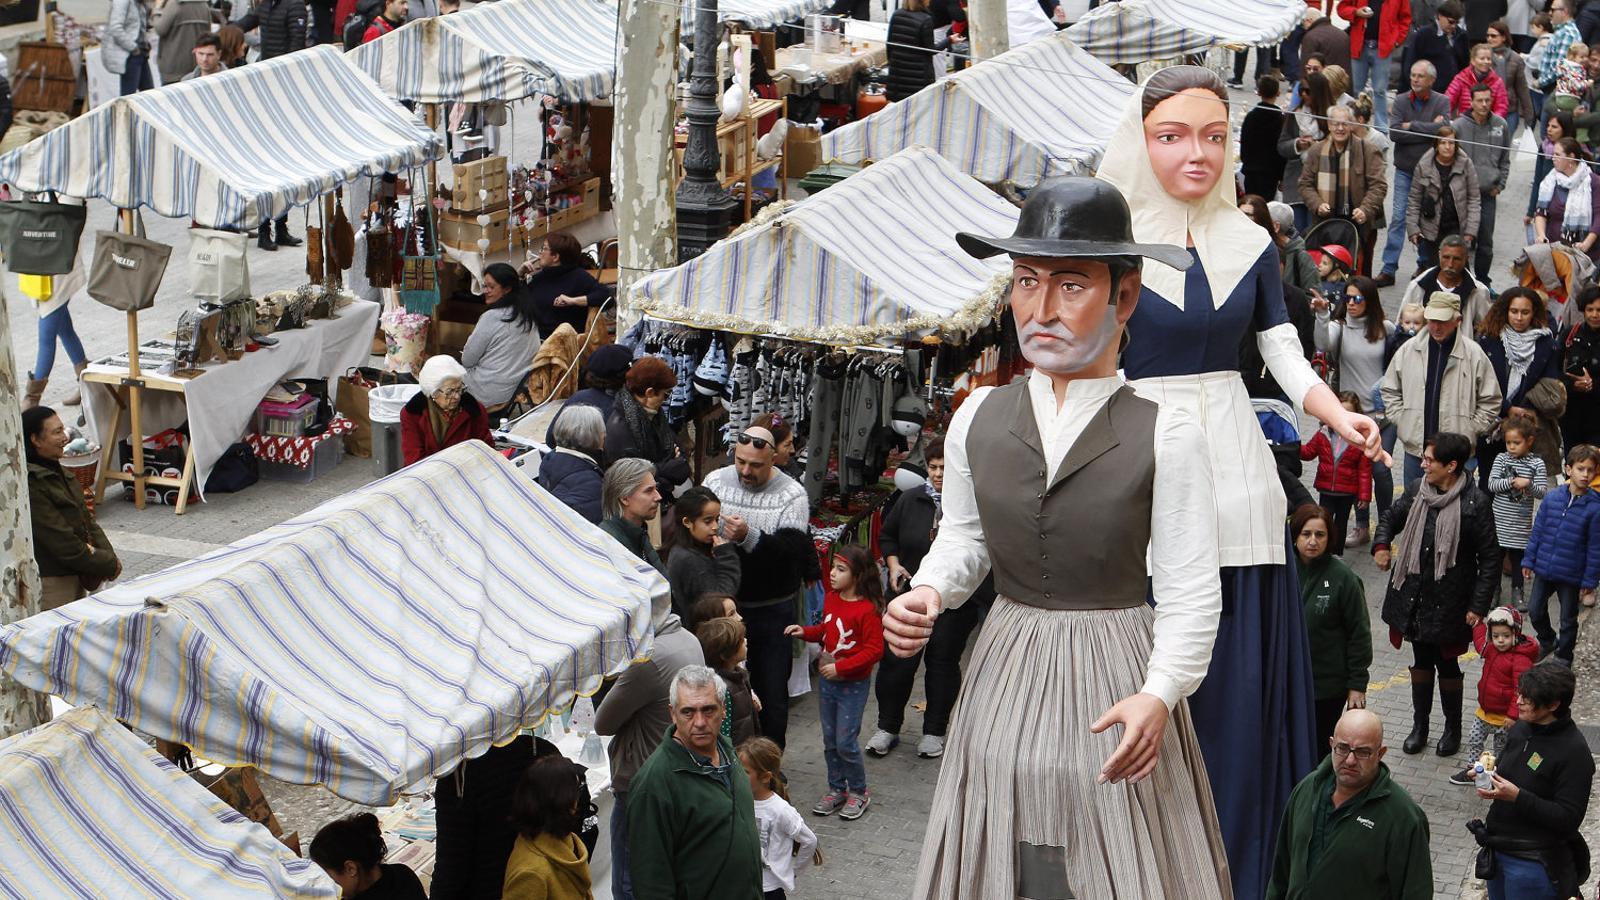 Els alaroners participaren de la festa que donava els sus dels actes de la Diada de Mallorca.